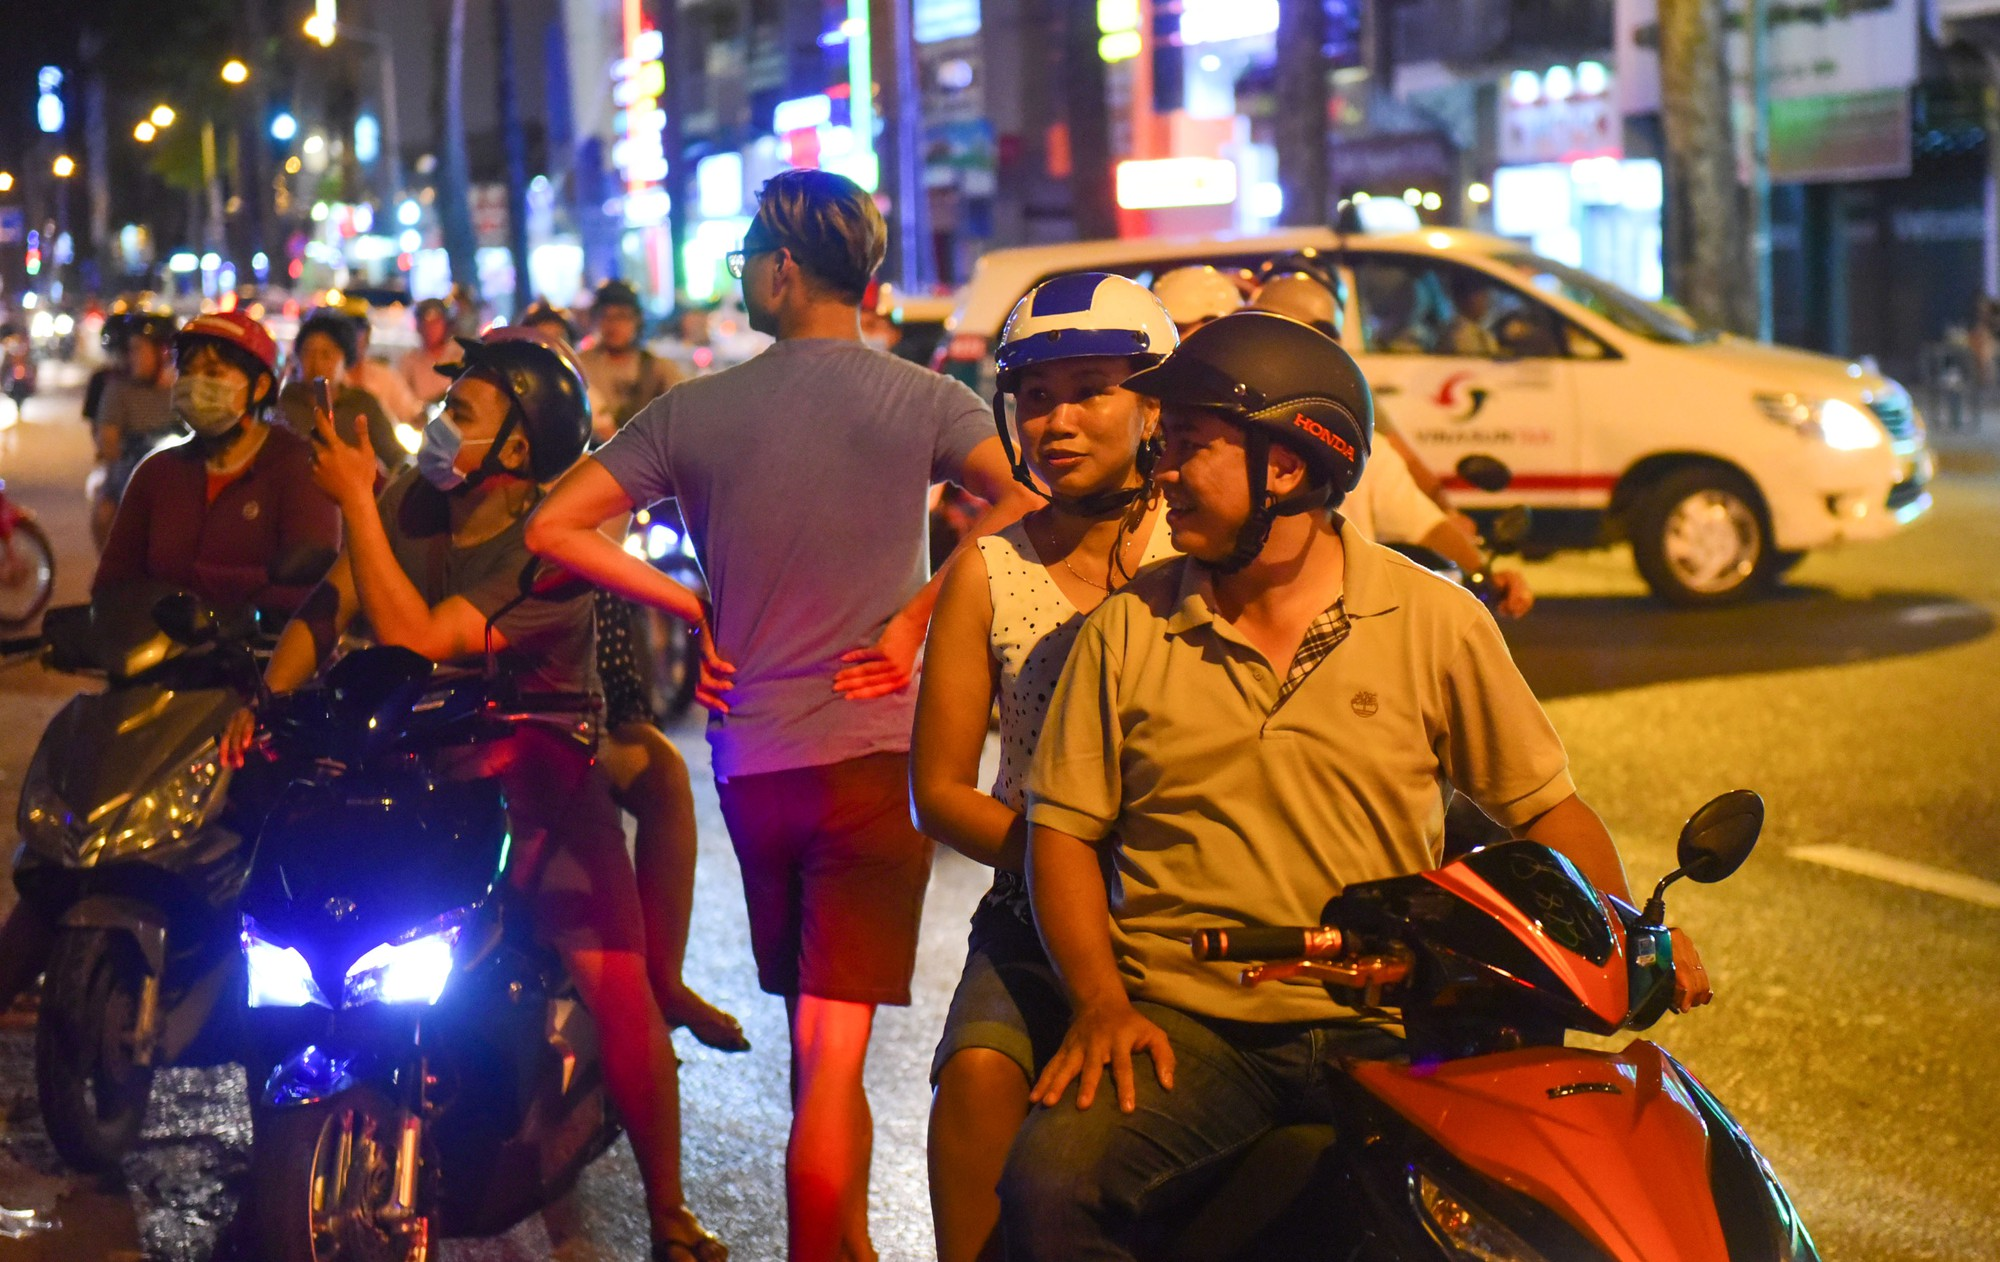 Người Sài Gòn xếp hàng kín vỉa hè chờ mua sữa tươi trân châu đường đen - Ảnh 1.